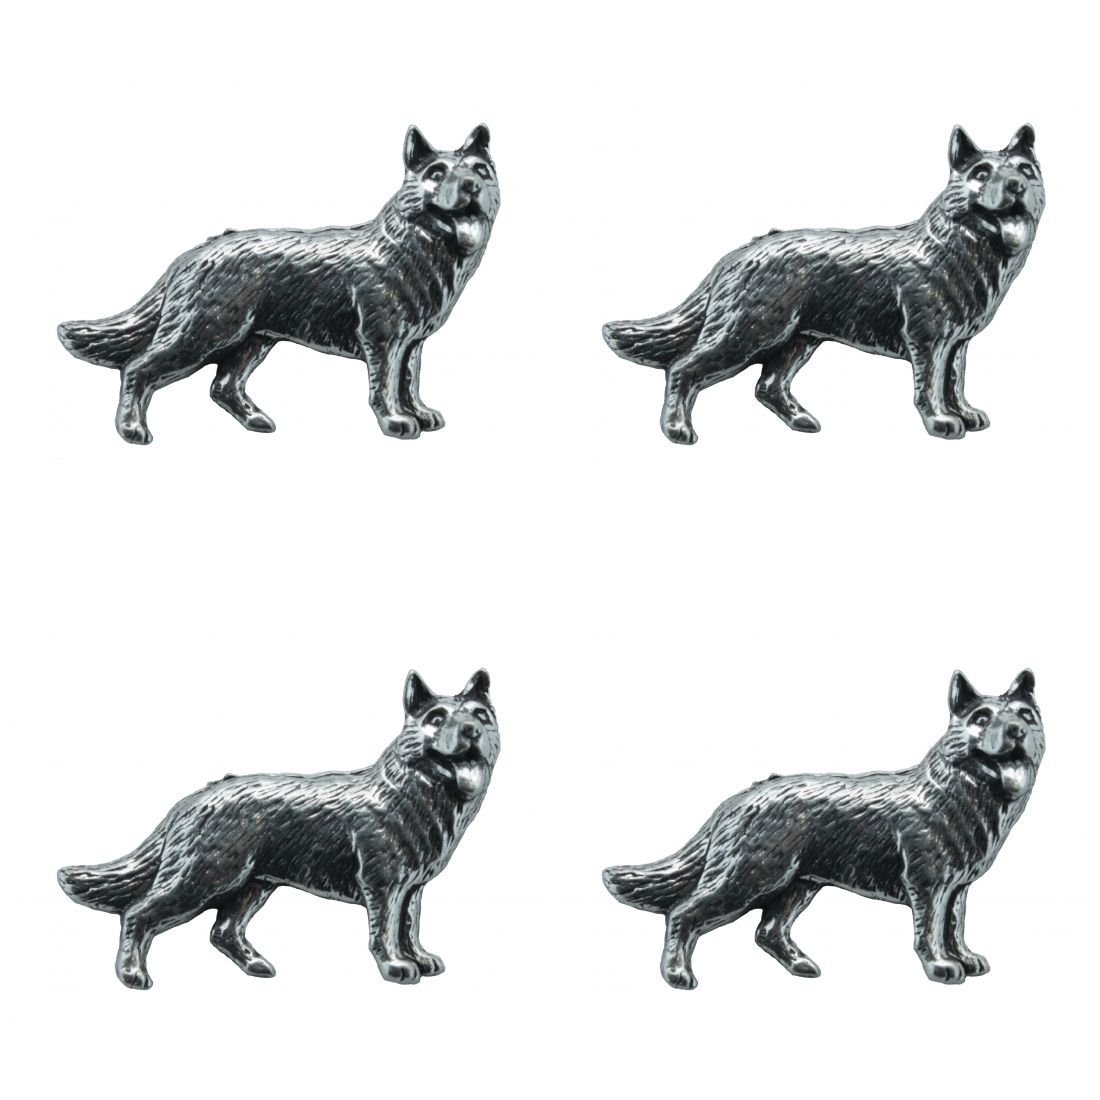 4 x Pin Anstecker Badge Deutscher Schäferhund, 3,8x2,7cm